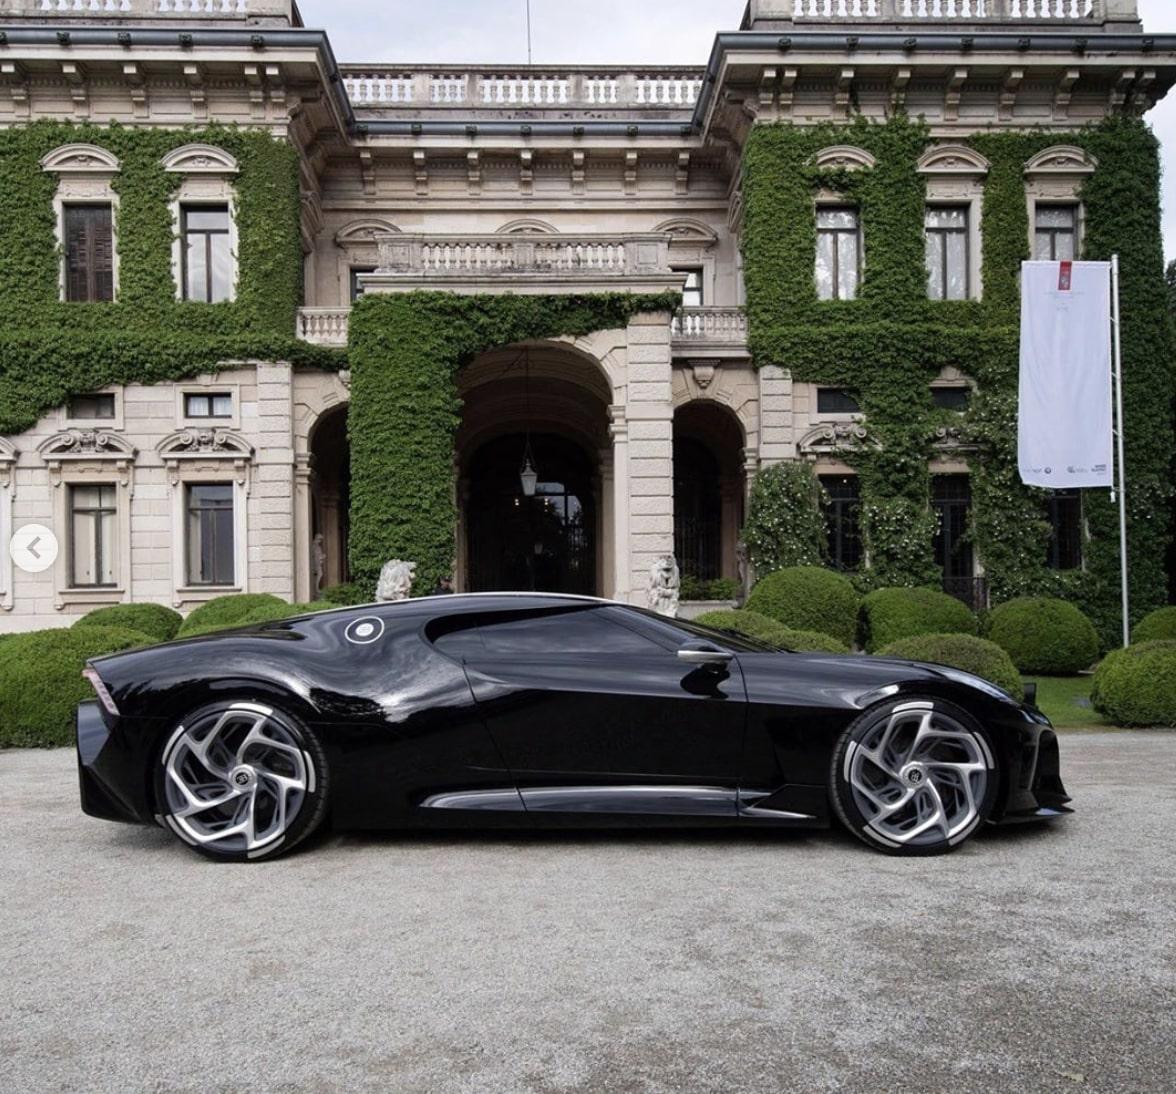 Bugatti La Voiture Noire at Concorso d'Eleganza Villa d'Este